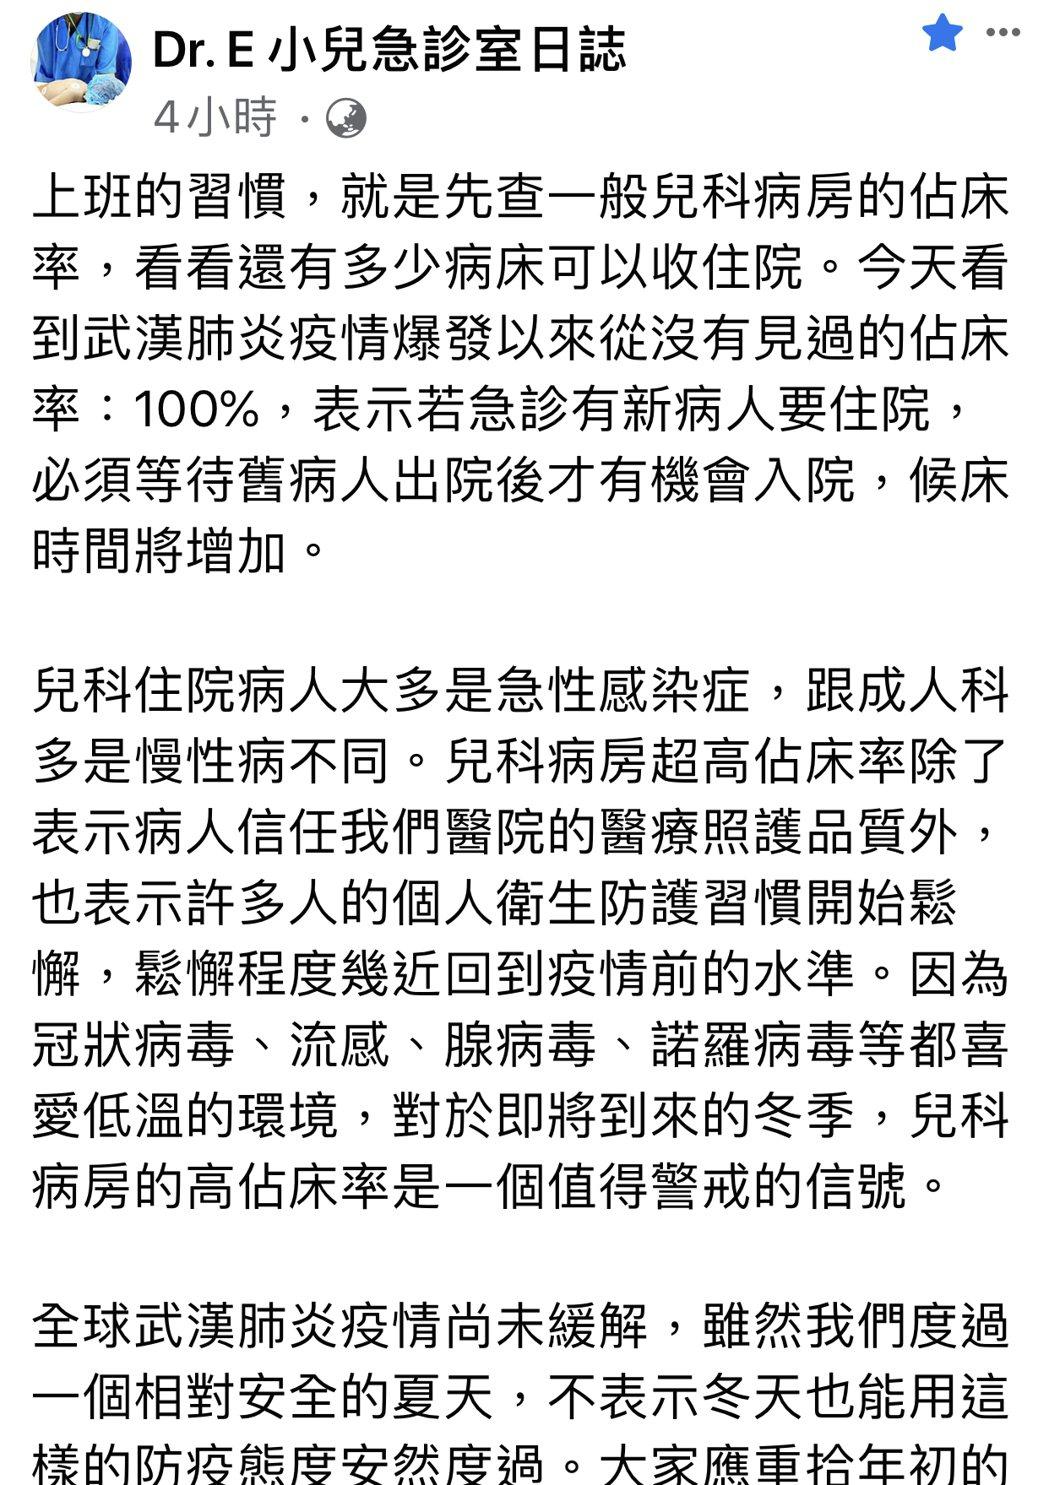 中山醫學大學附設醫院兒童急診科主任謝宗學今天在臉書上表示看到防疫的簡訊。圖/自臉...